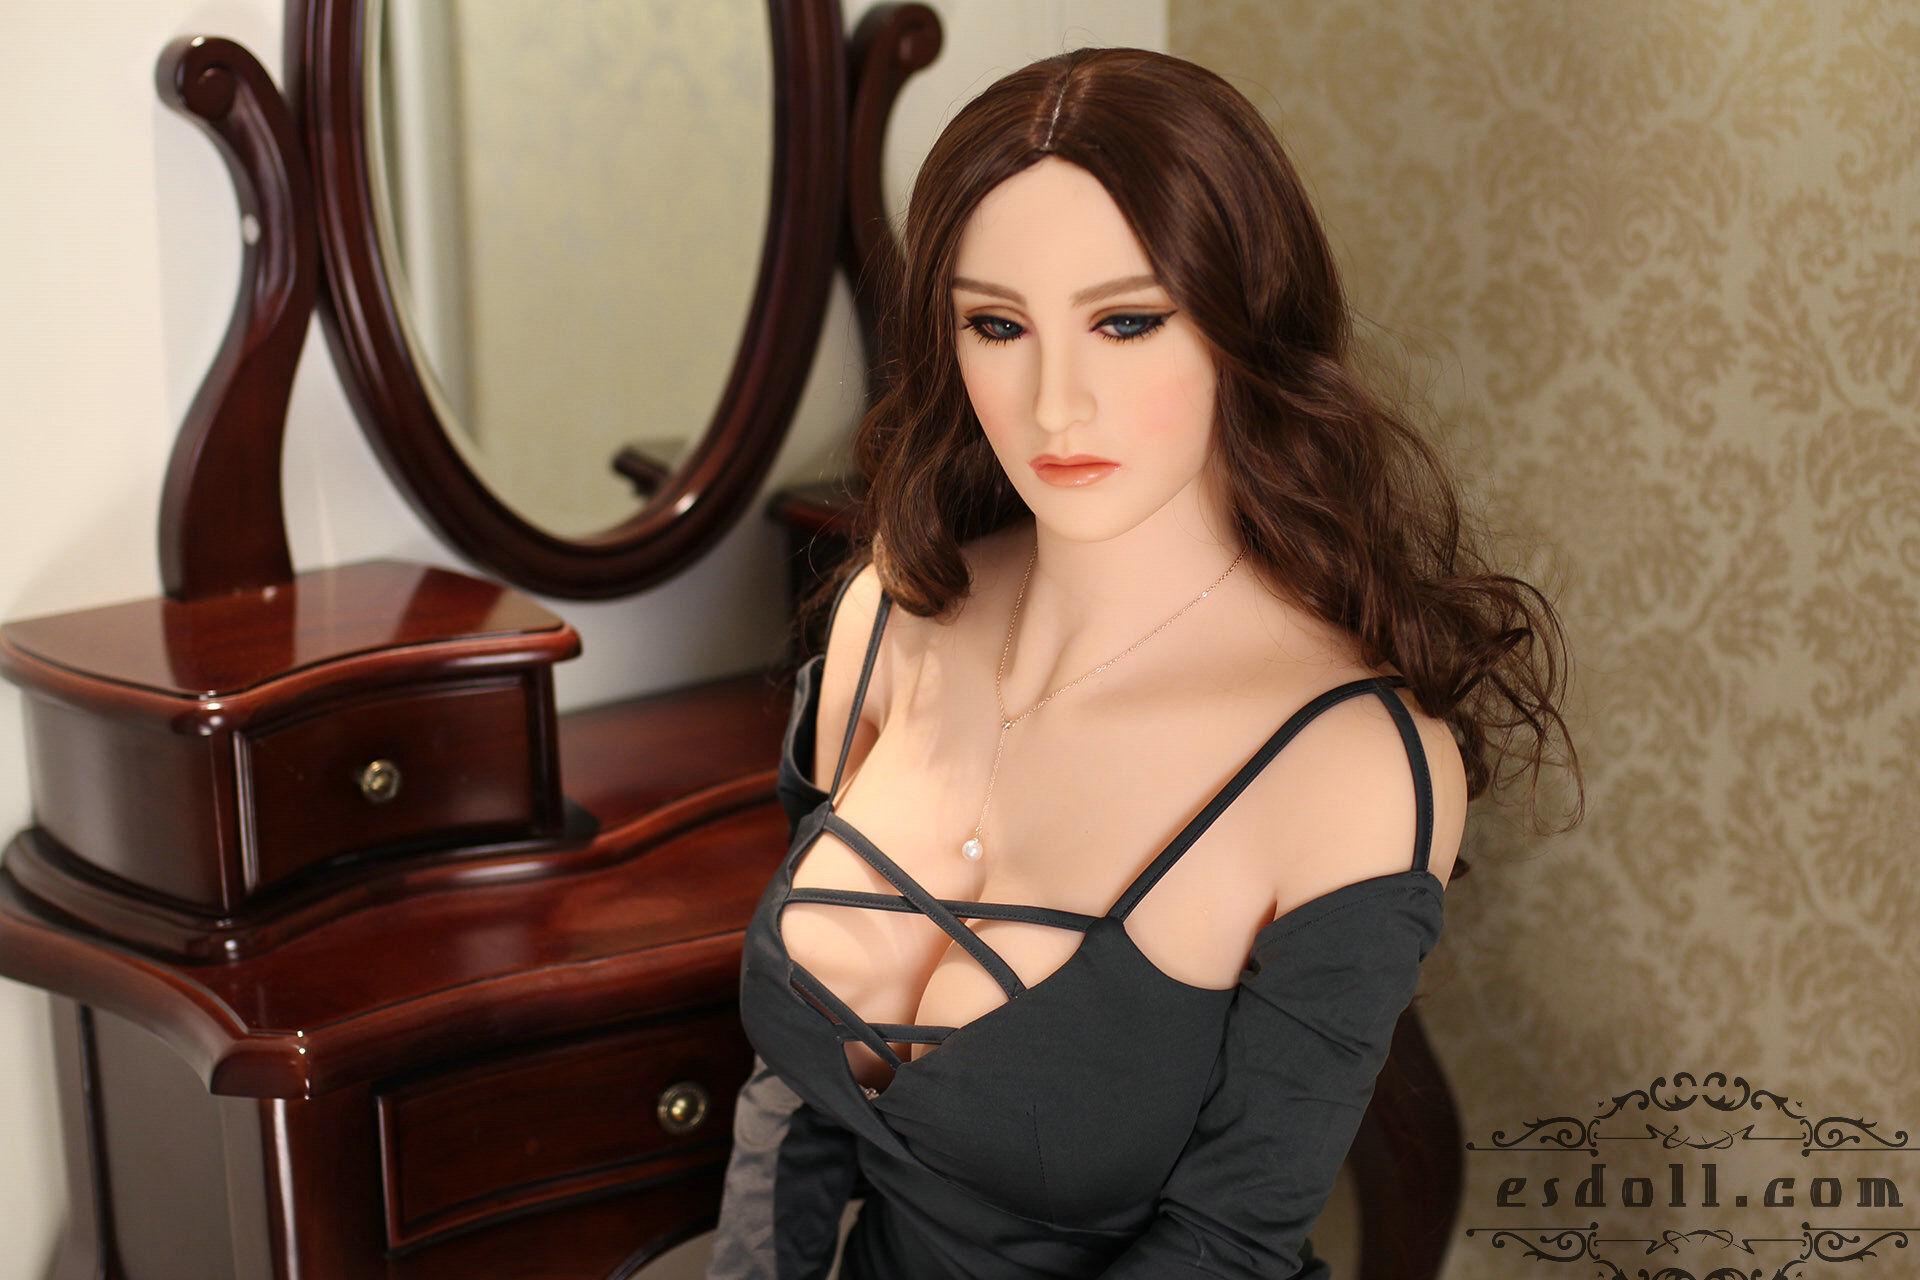 165cm 5.41ft Erin sex doll - 21